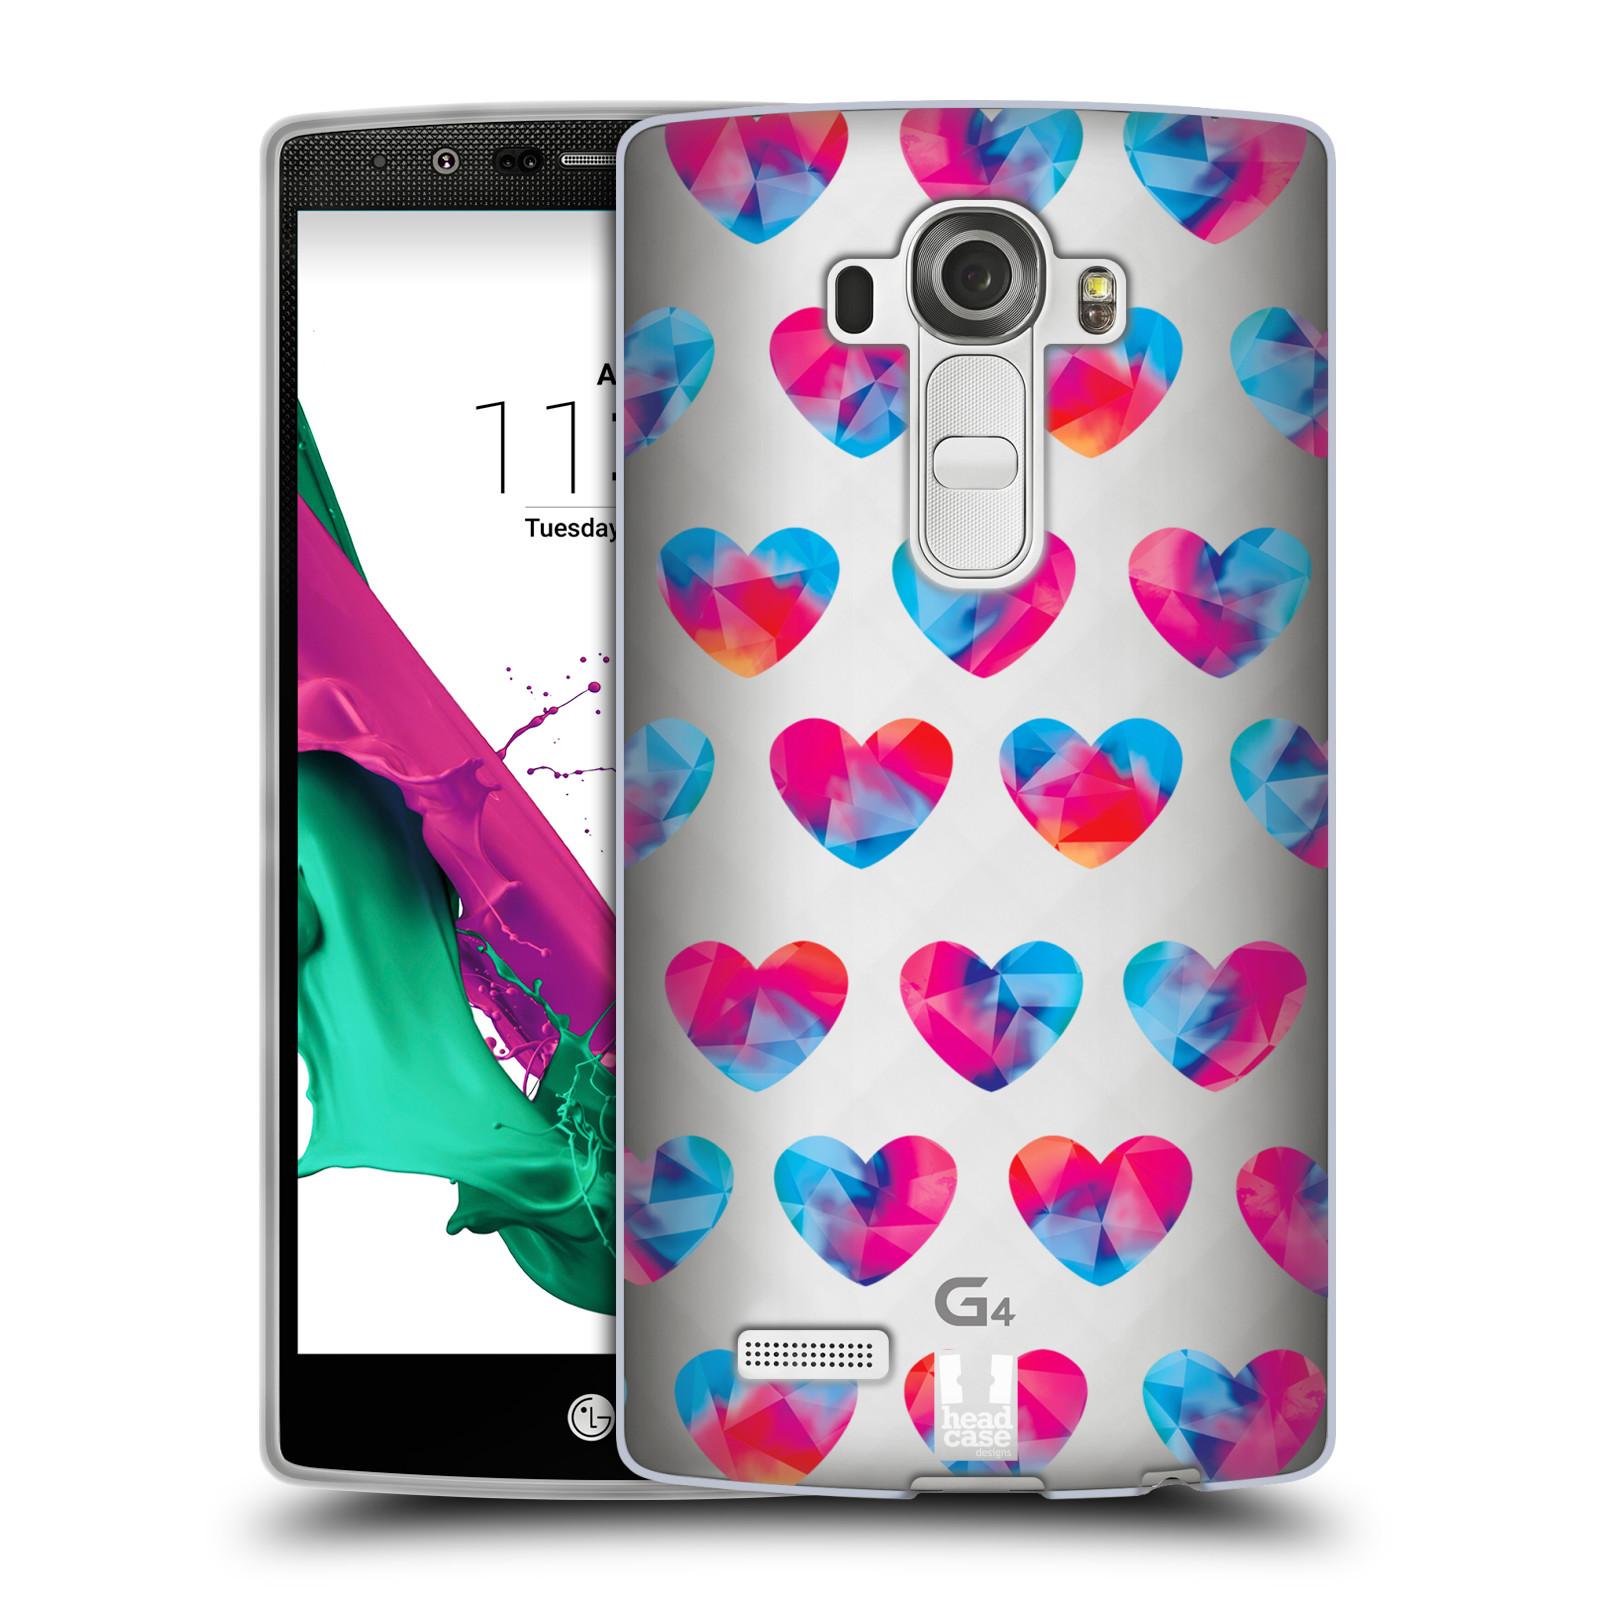 Silikonové pouzdro na mobil LG G4 - Head Case - Srdíčka hrající barvami